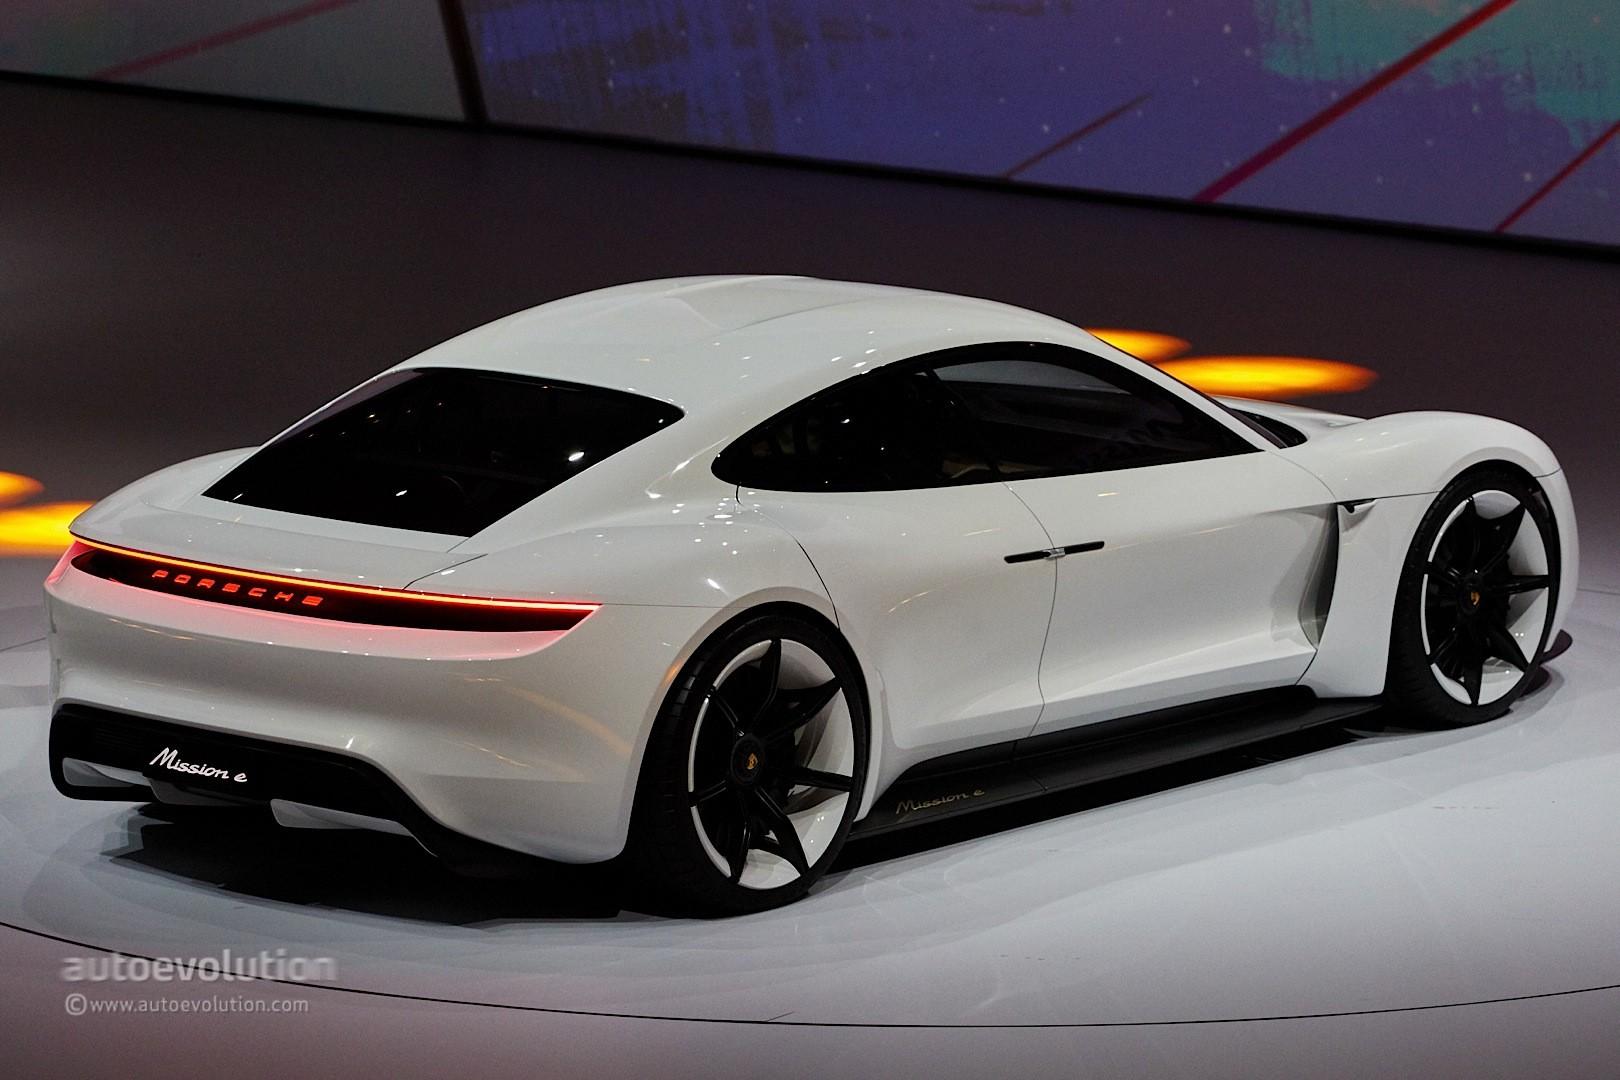 Rauh Welt Begriff Porsche 911 And Mclaren 650s Make For A